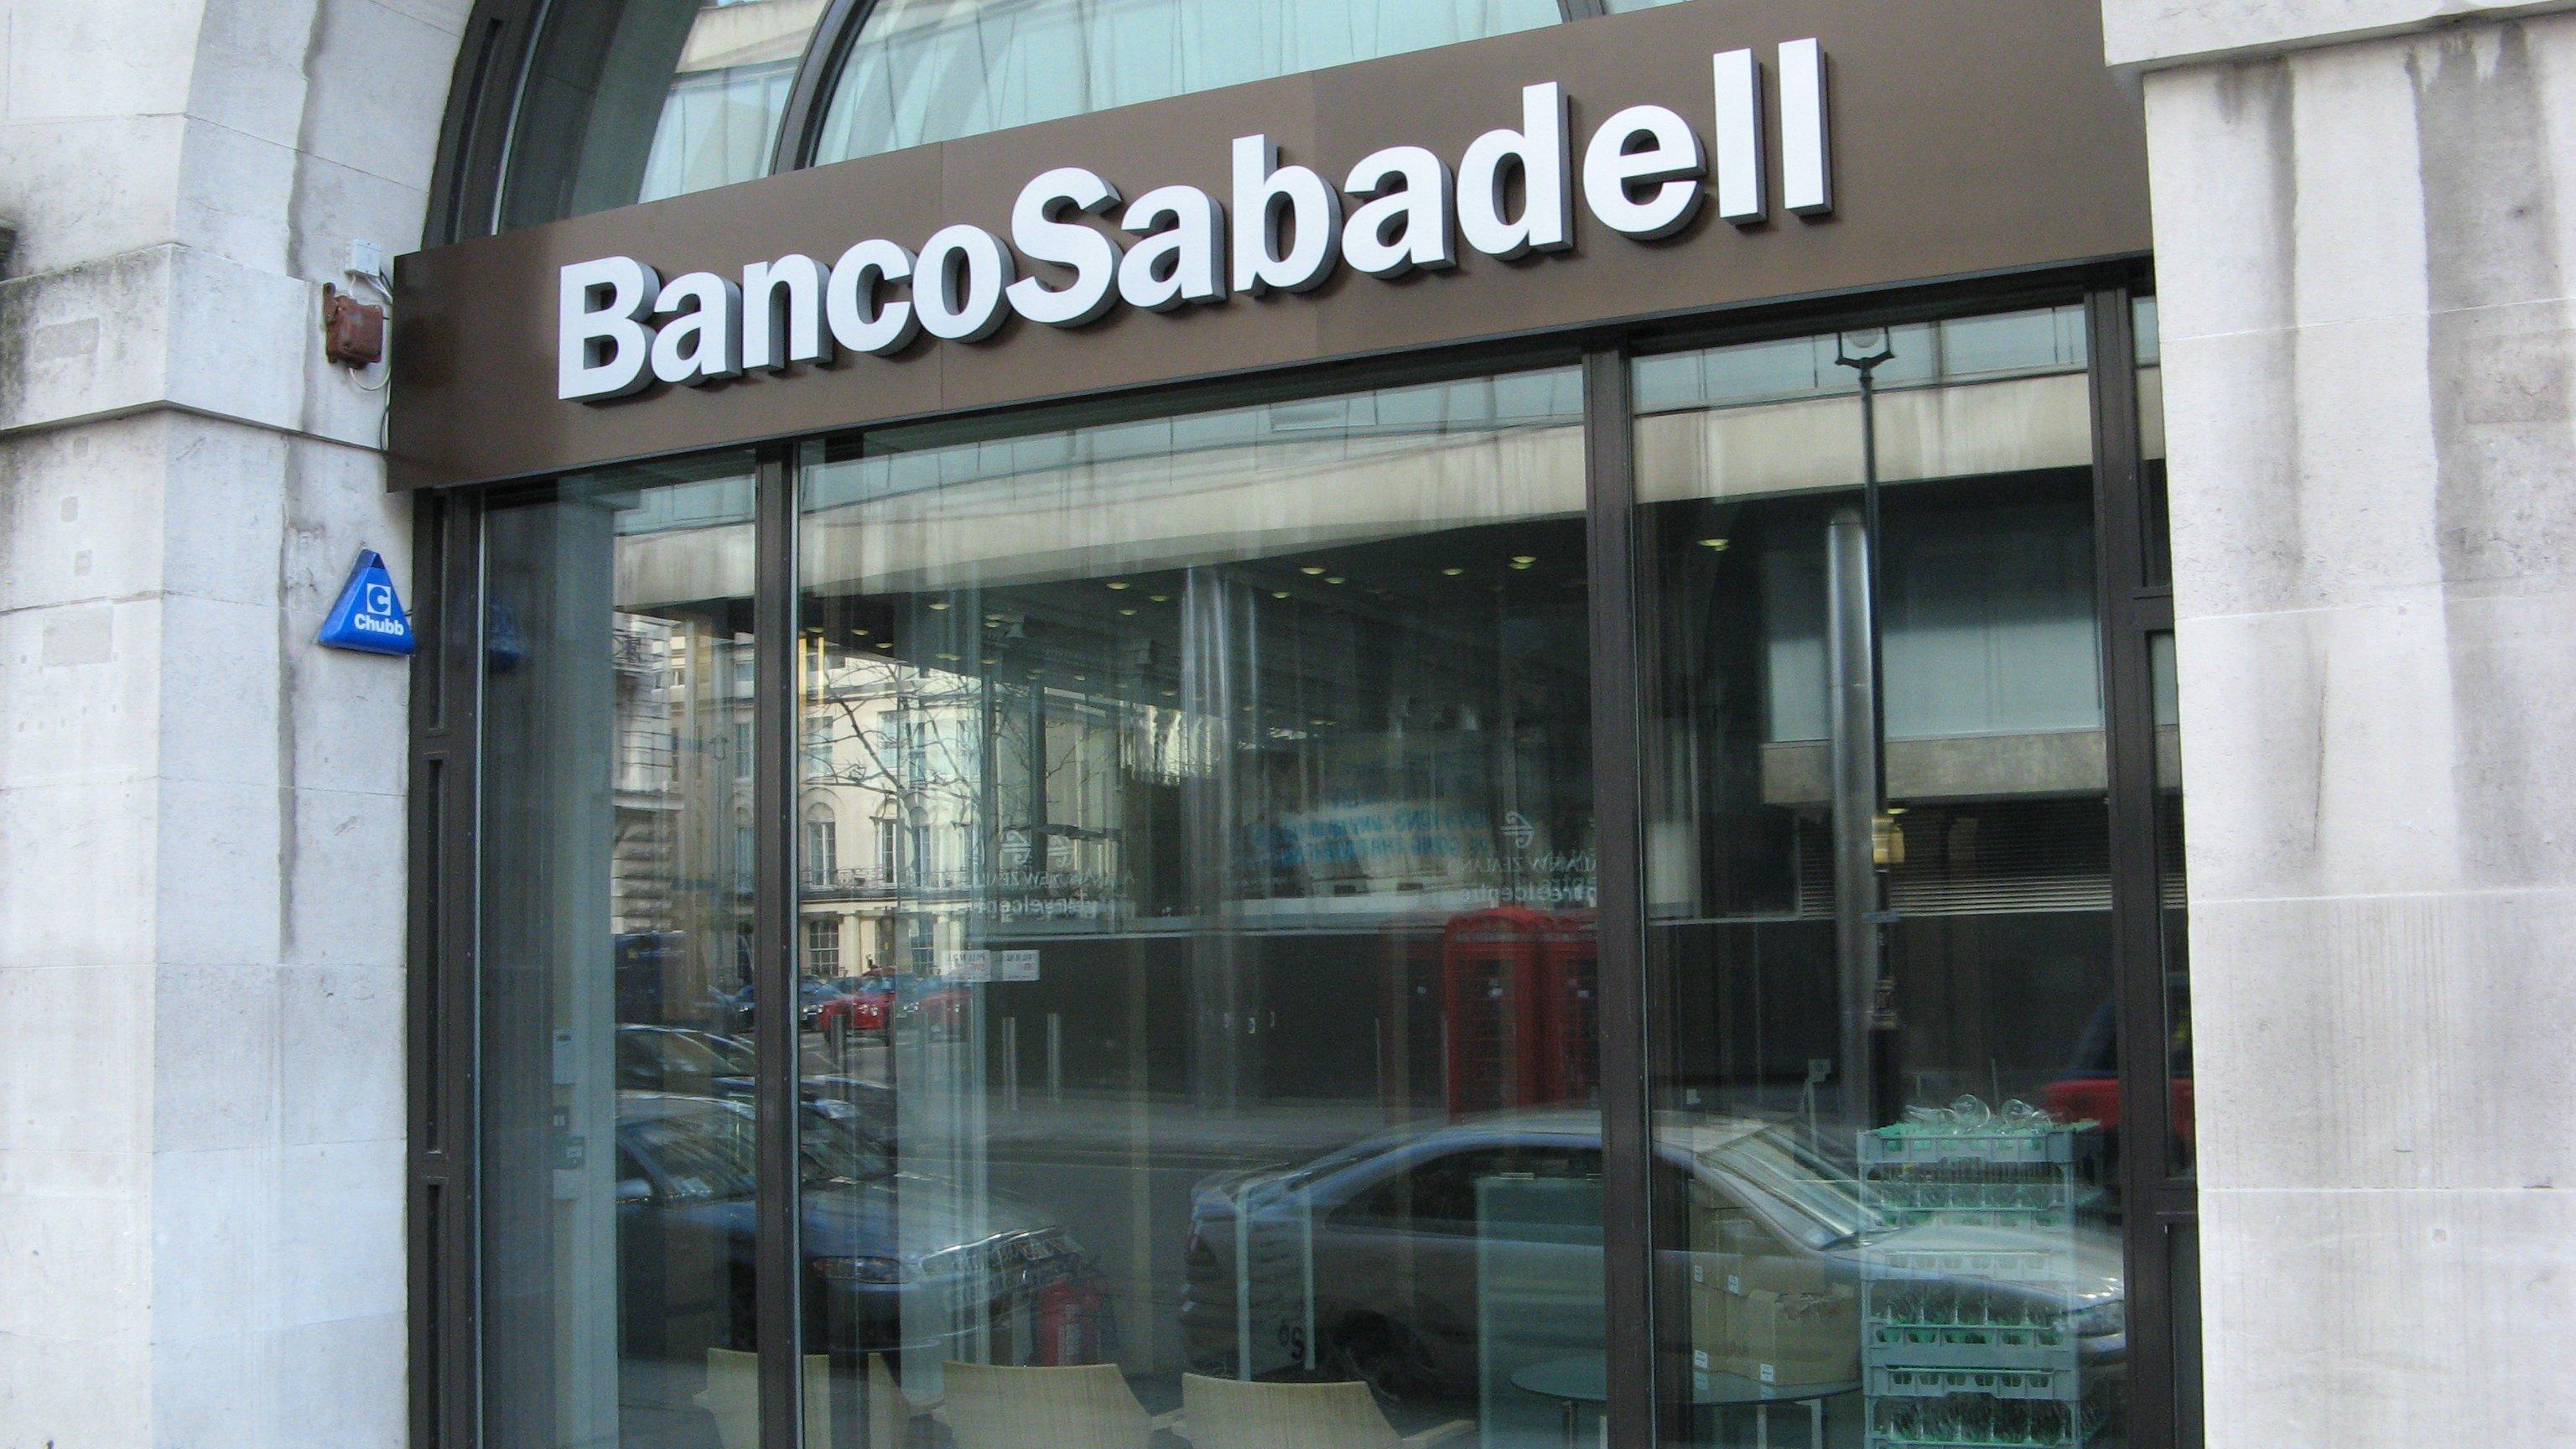 Sentencia contra el Banco Sabadell por Permutas Financieras (SWAP)